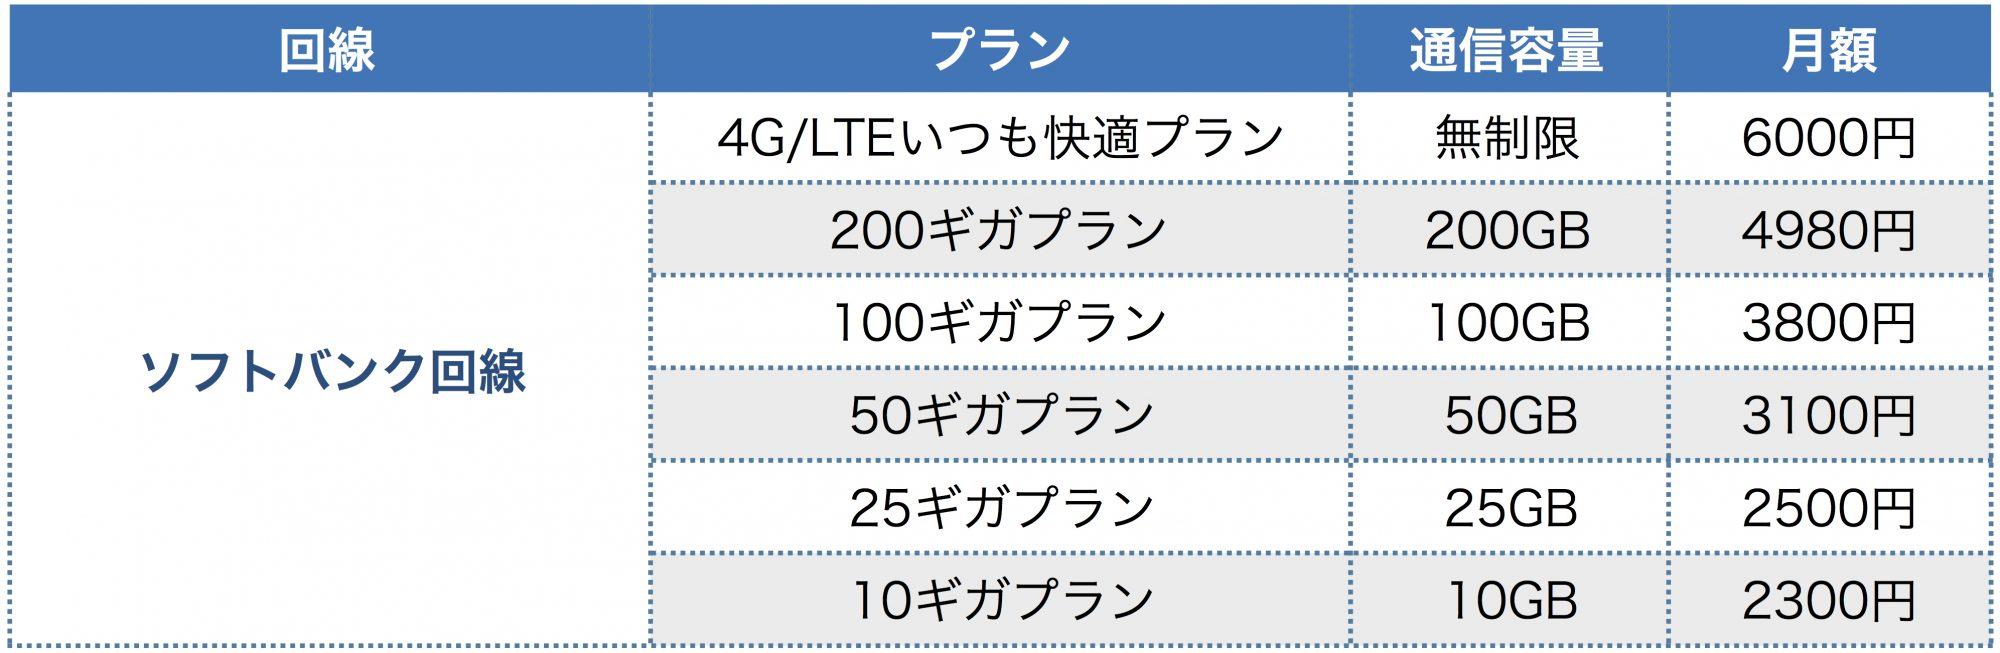 FujiWifiのソフトバンク回線プラン